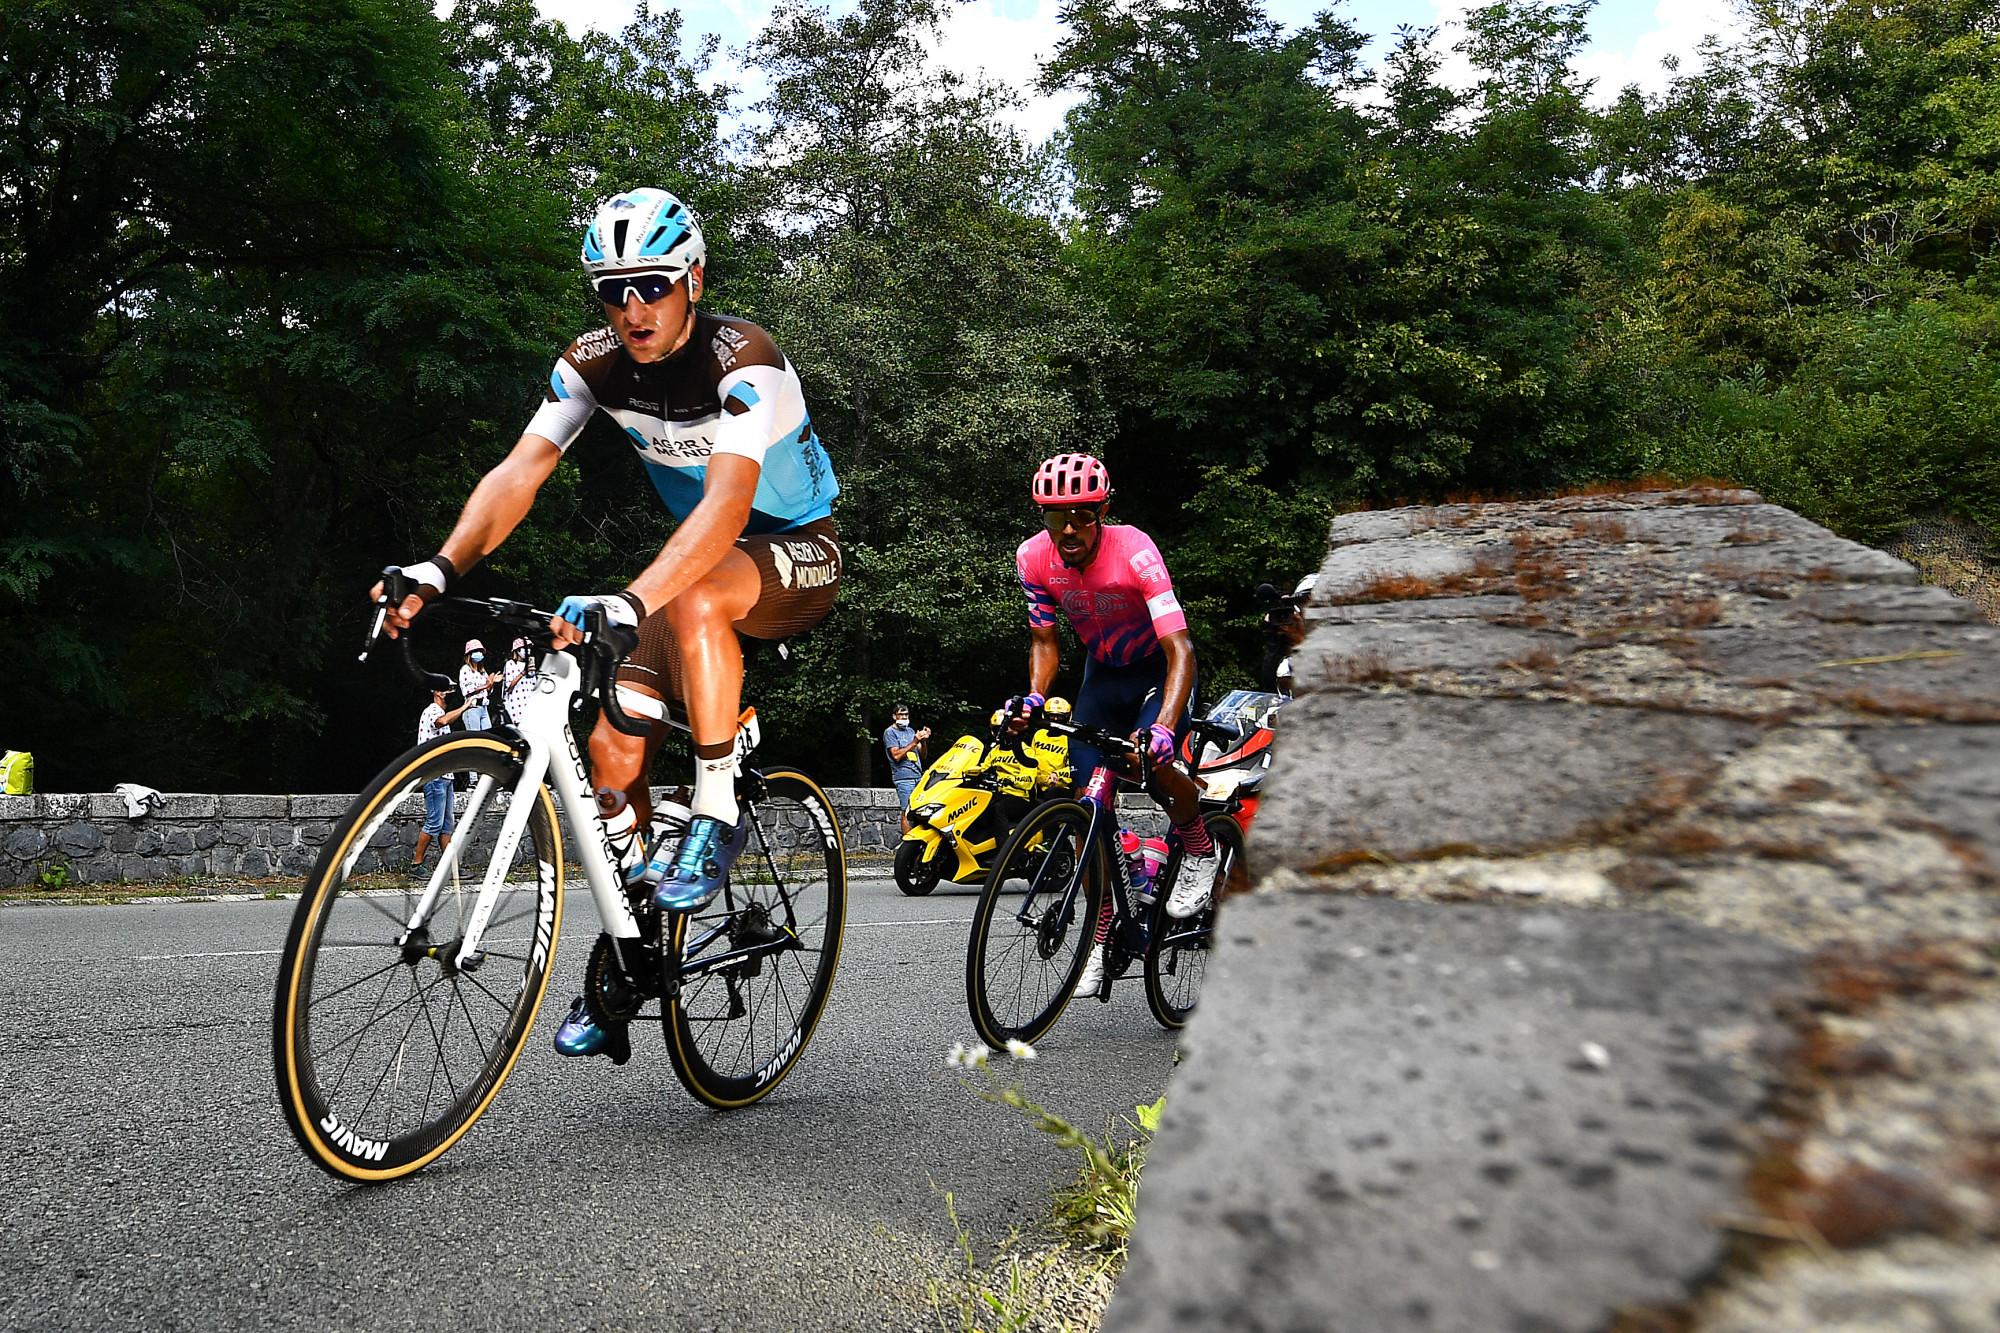 Nans Peters   Tour de France - Stage 13